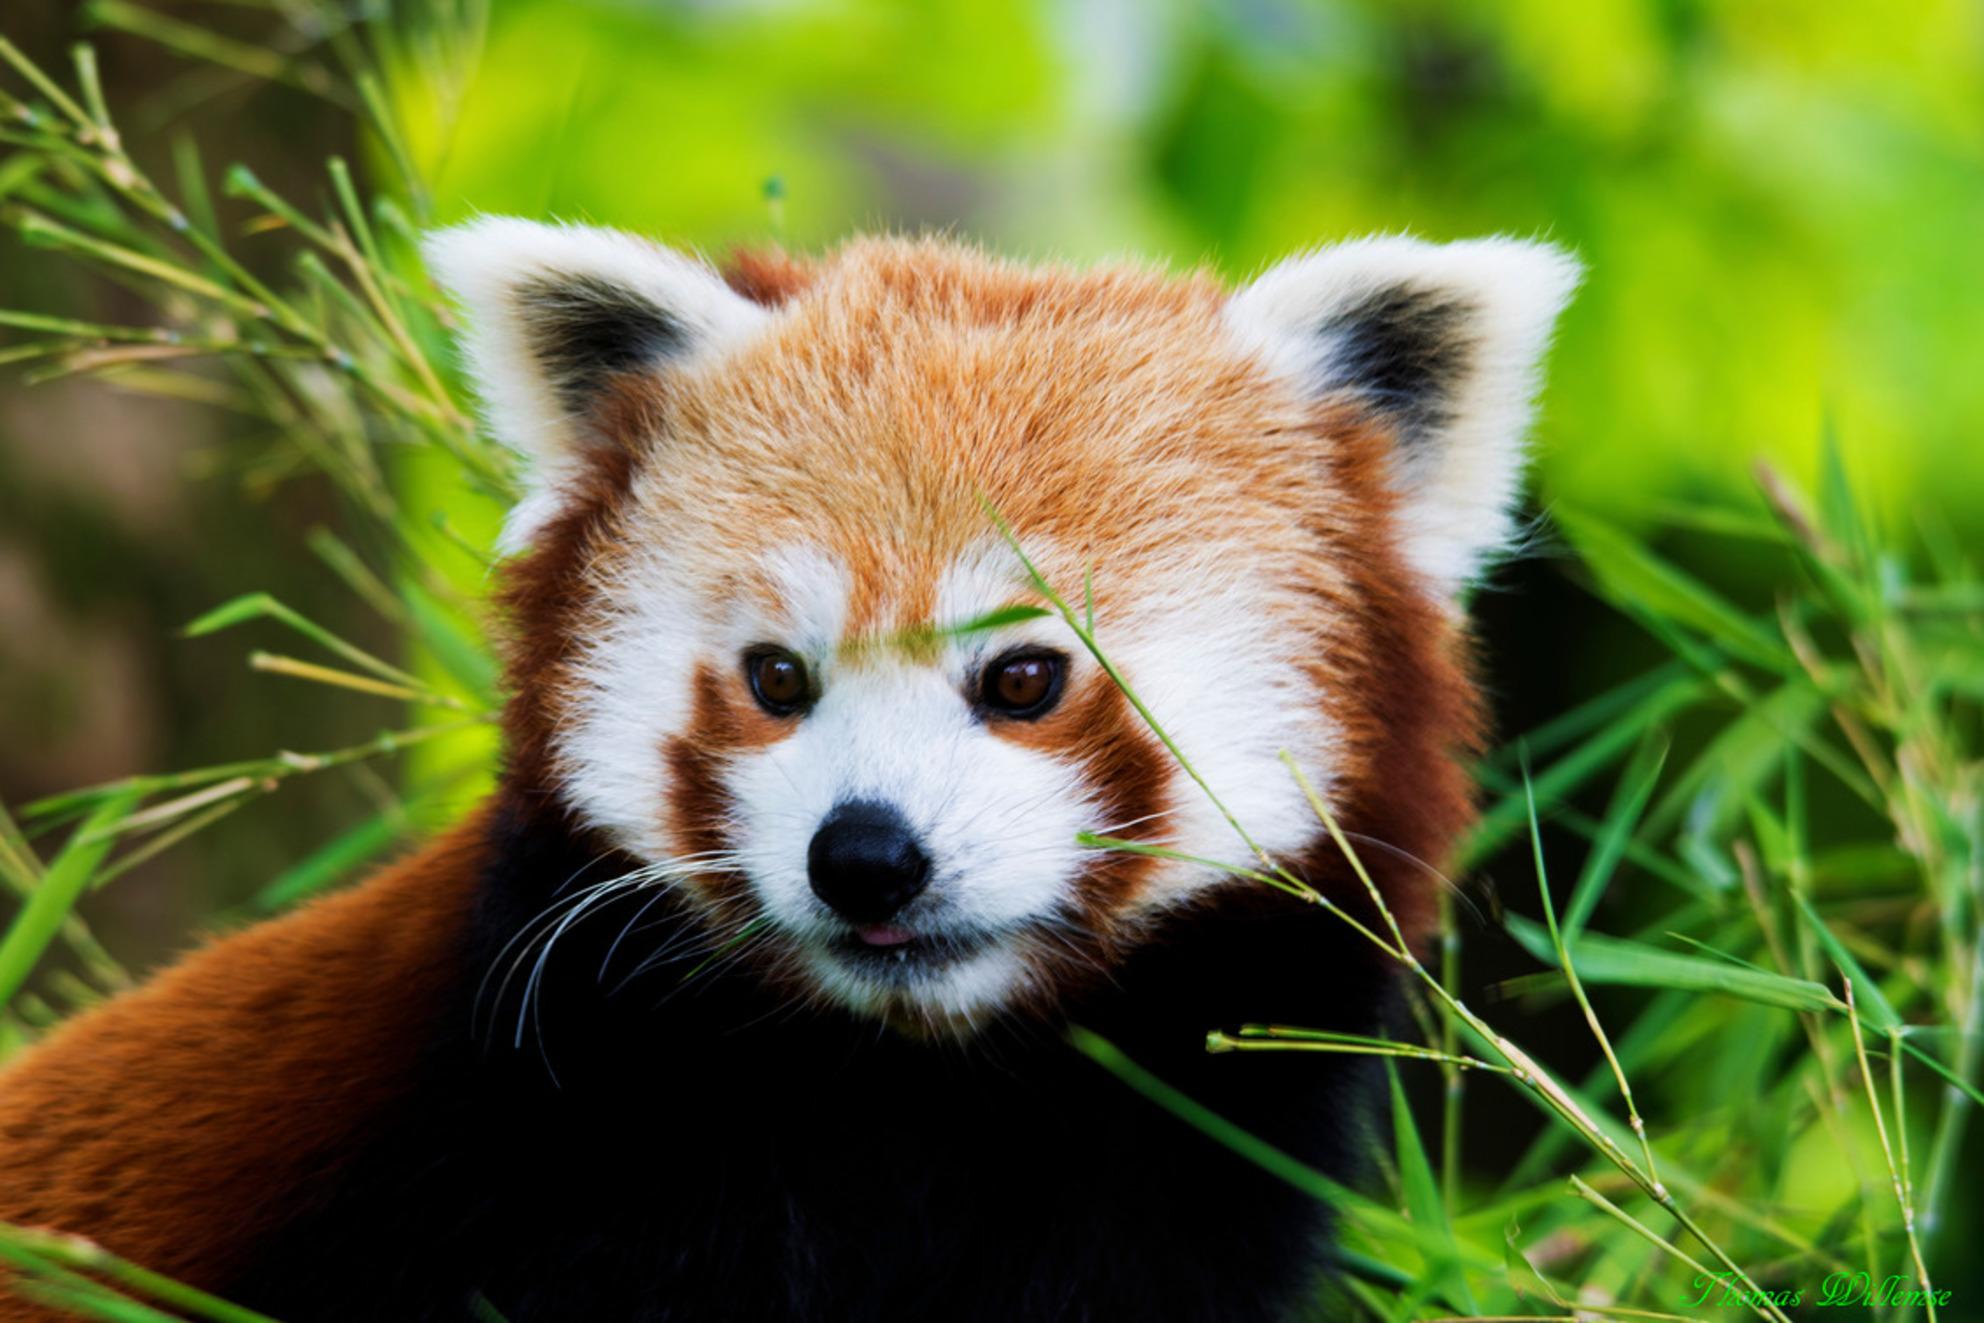 Rode panda - Rode panda gefotografeerd in diergaarde blijdorp. - foto door Thomas83_zoom op 27-06-2014 - deze foto bevat: dierentuin, blijdorp, Rode panda - Deze foto mag gebruikt worden in een Zoom.nl publicatie